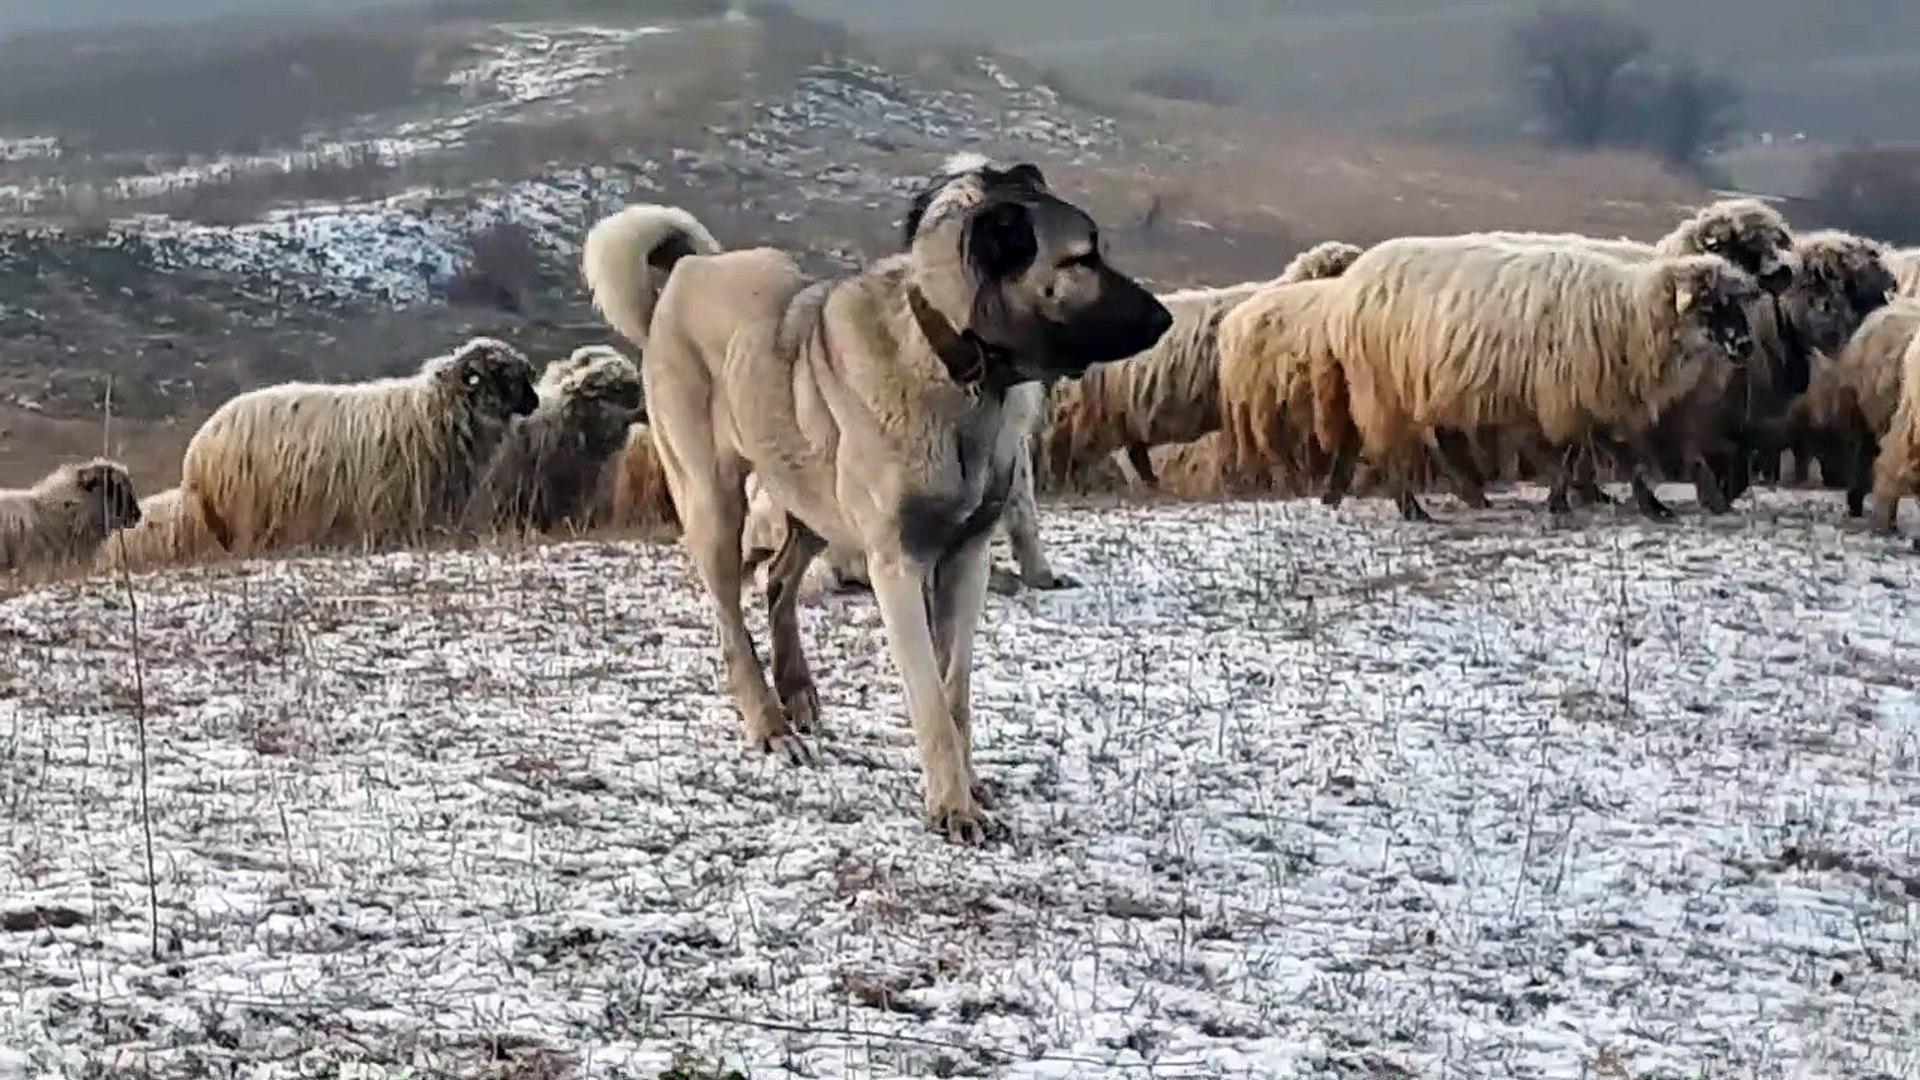 ANADOLU COBAN KOPEGi GOREVi BASINDA HAZIR - ANATOLiAN SHEPHERD DOG at MiSSiON